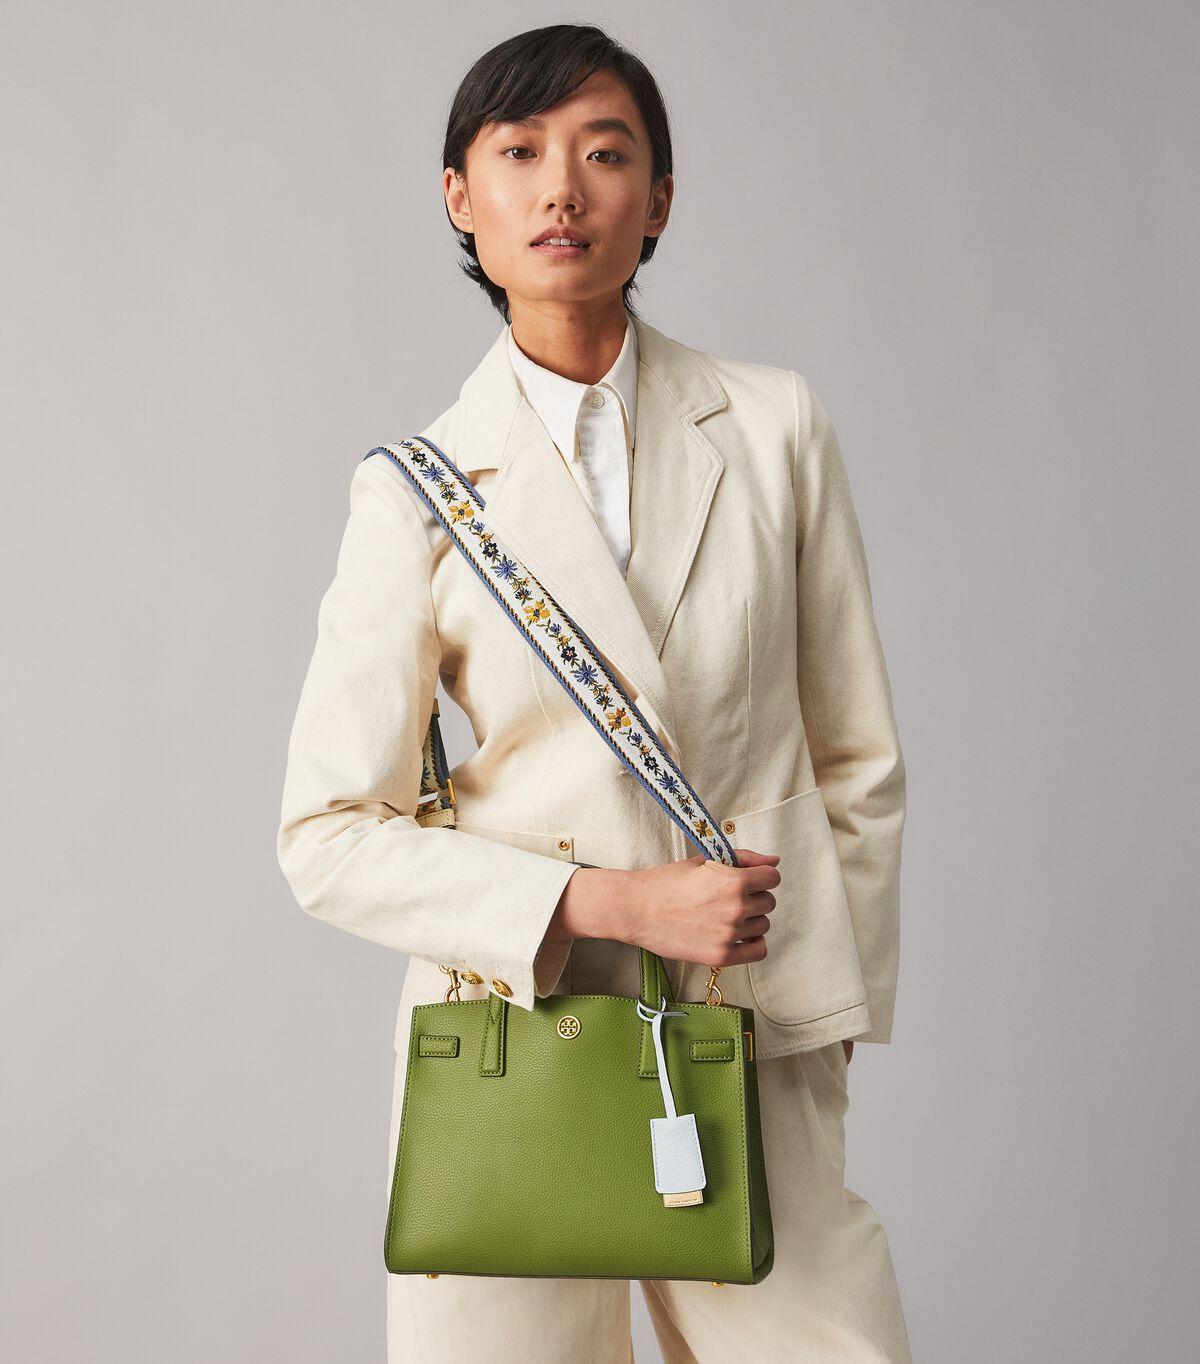 حقيبة حزام صغيرة ووكر